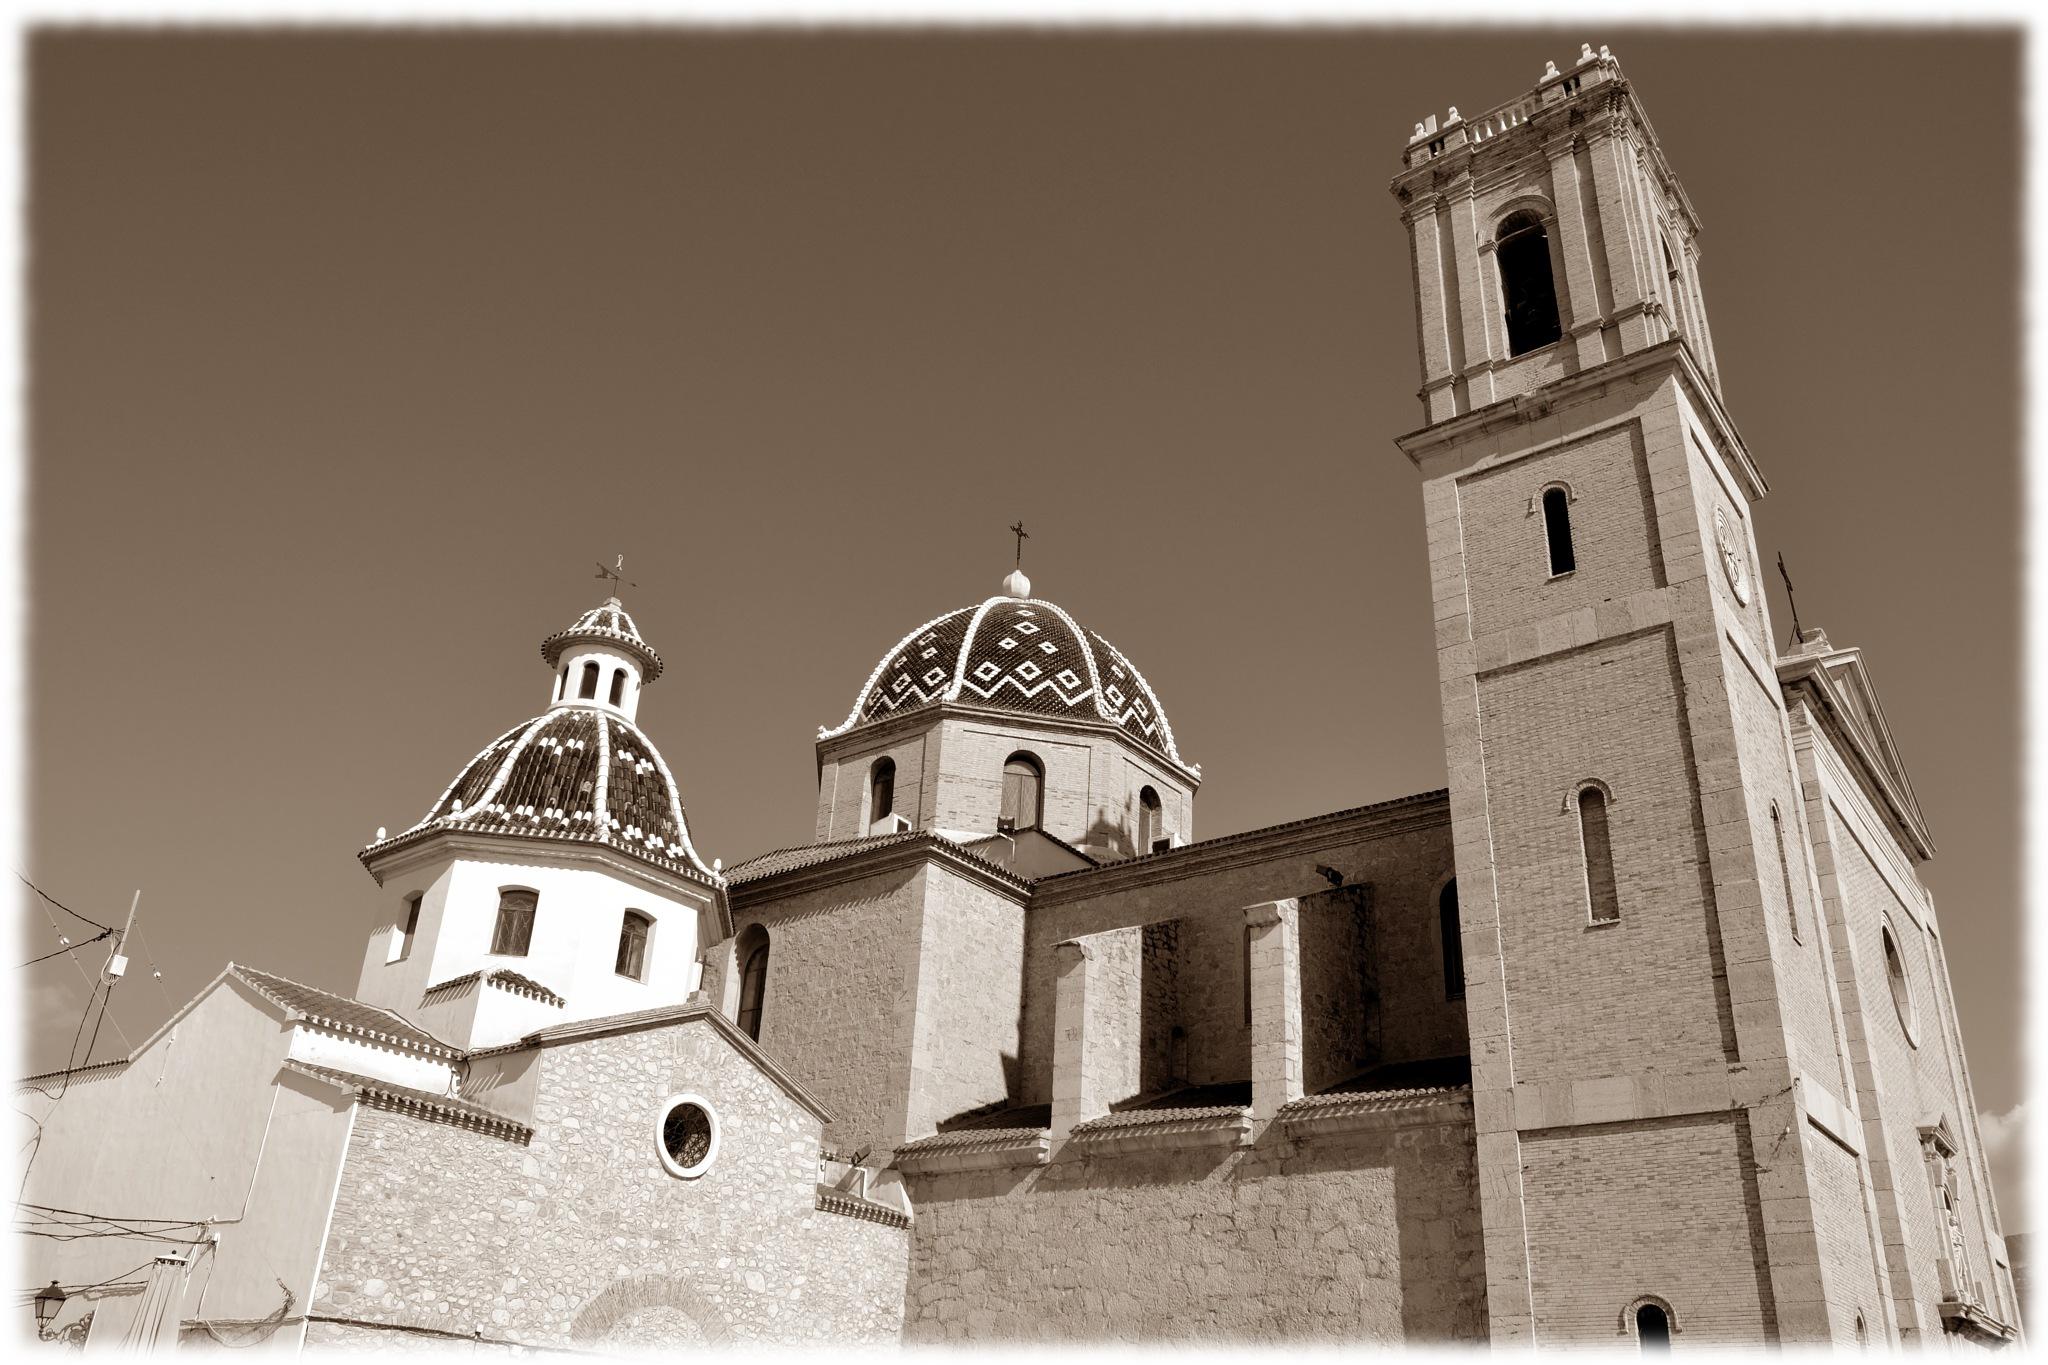 Iglesia de Nuestra Señora del Consuelo - Church of Our Lady of Consolation - Chiesa di Nostra Signor by cjcastromm